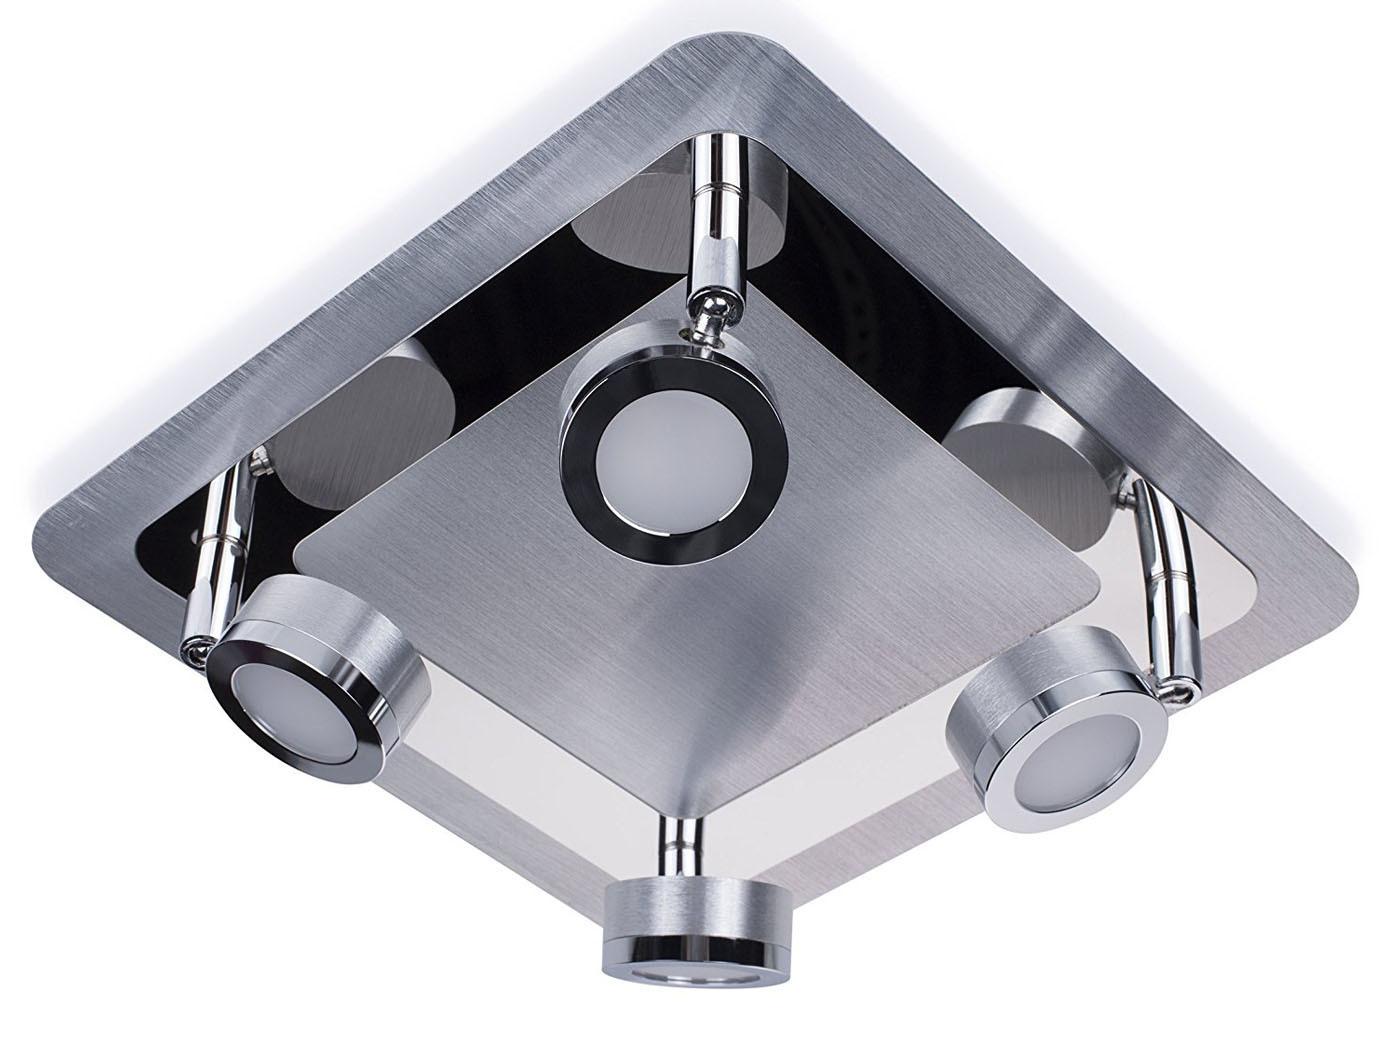 Plafoniere Bagno Da Soffitto : Lampada da soffitto bagno led spot fiamma